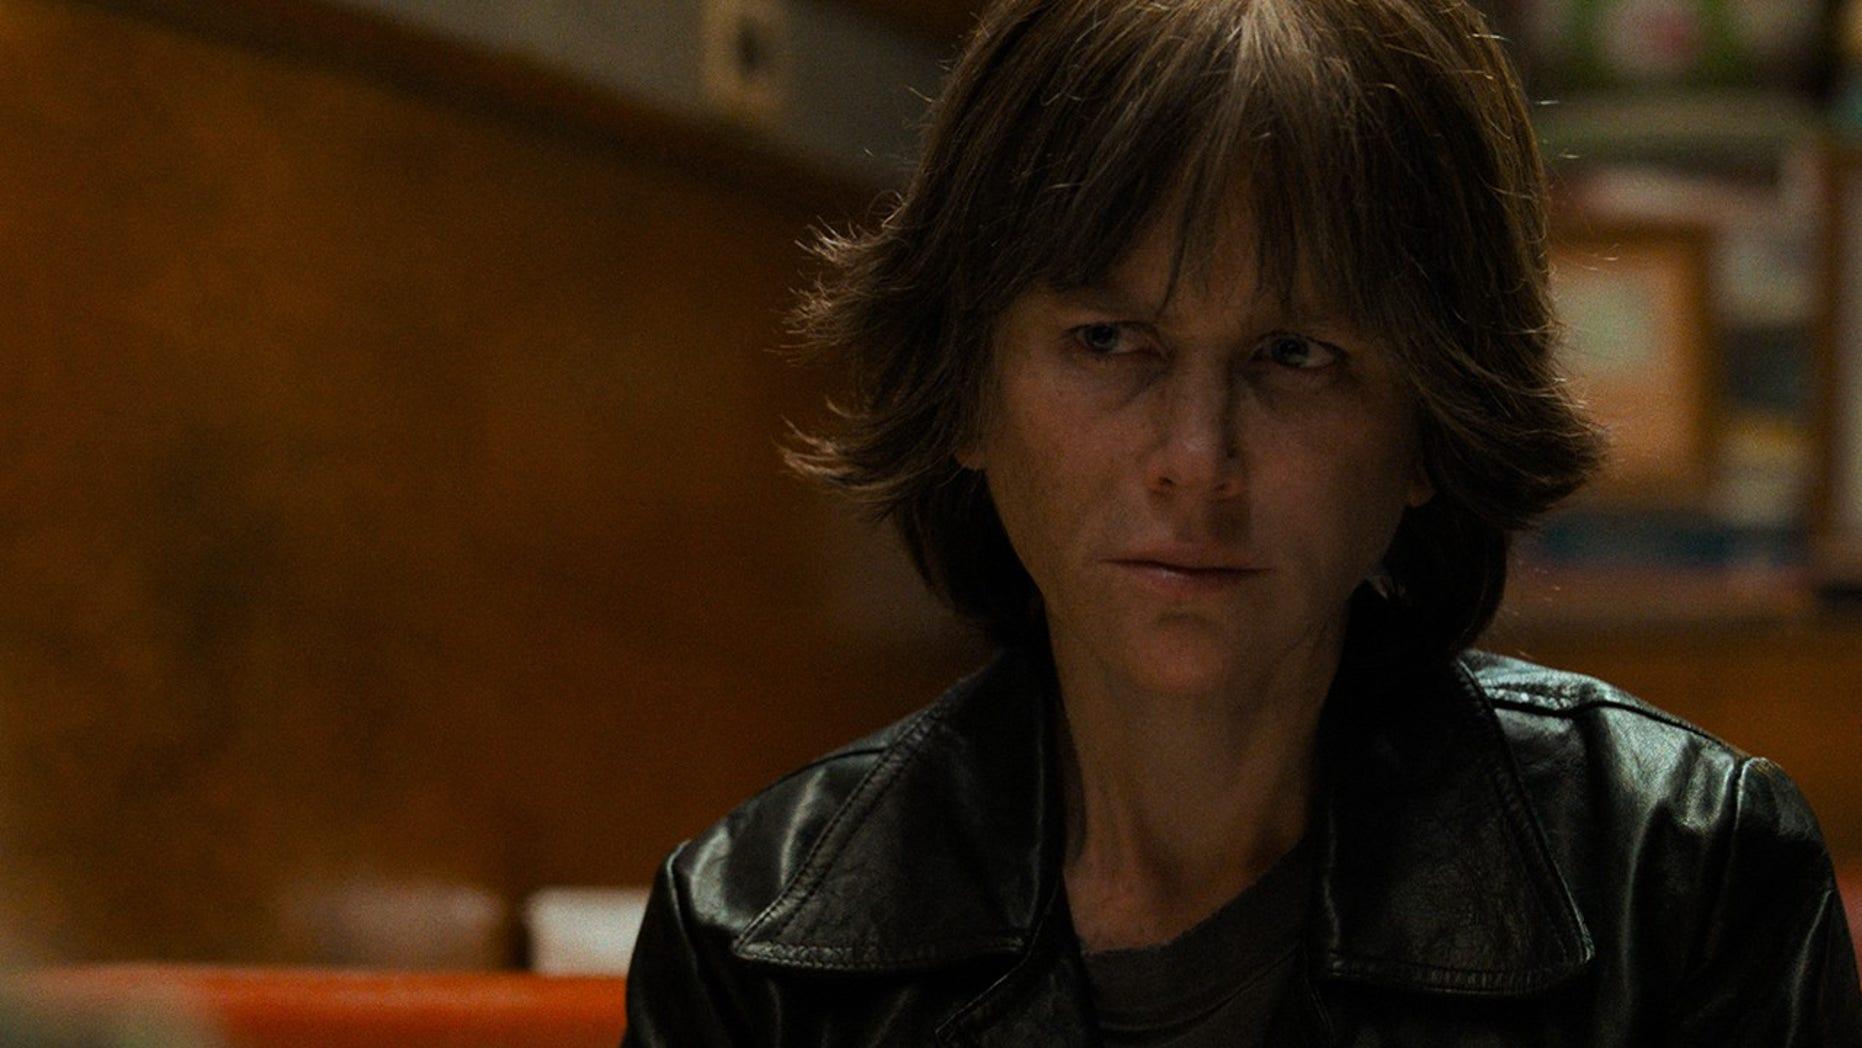 Nicole Kidman Faces a Dark Past in 'Destroyer' Trailer